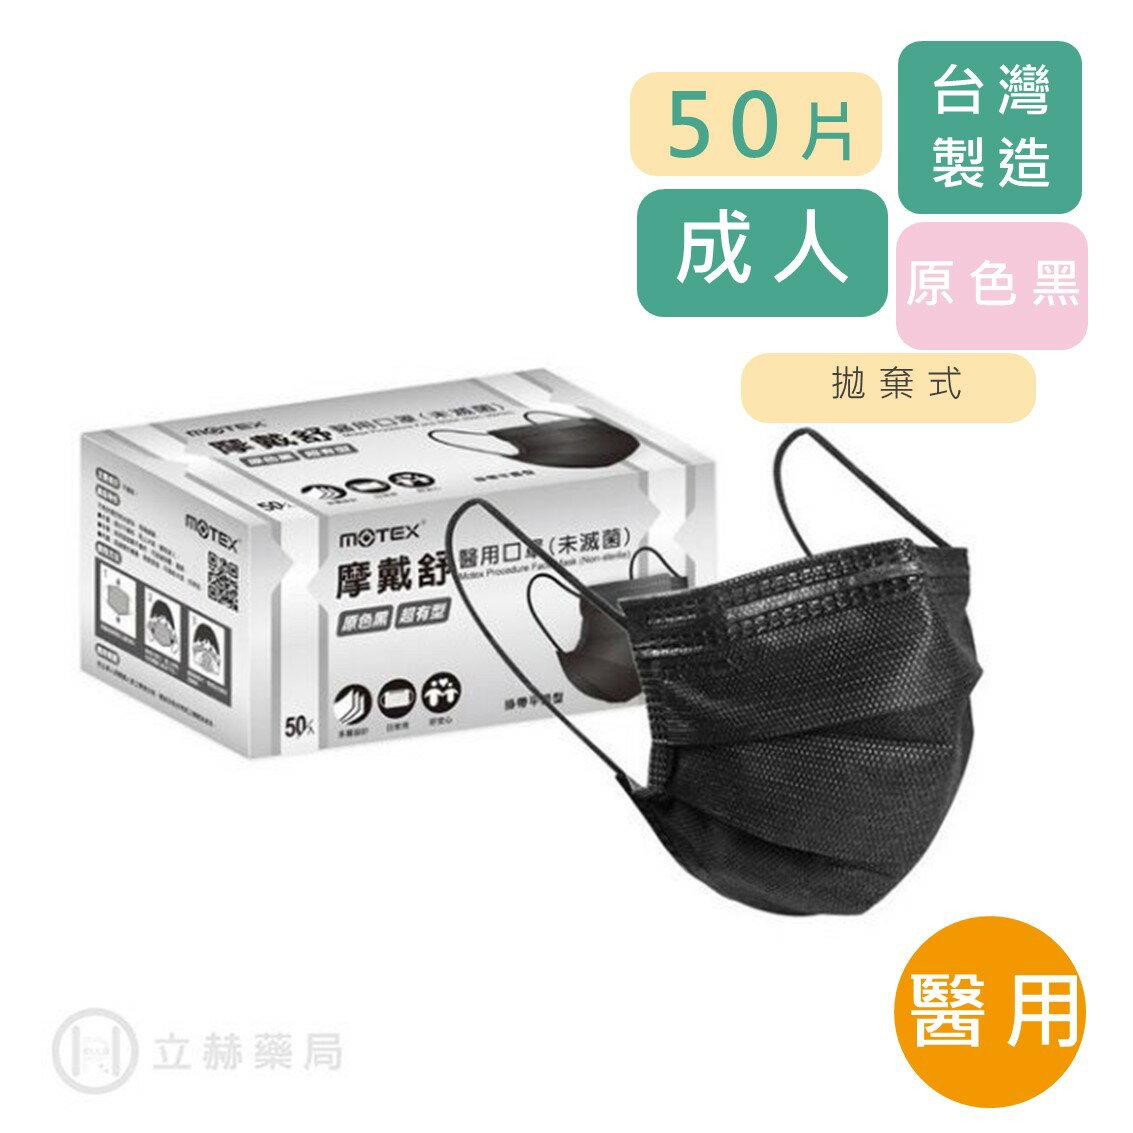 MOTEX 摩戴舒 平面醫用口罩 原色黑 50片/盒 公司貨【立赫藥局】